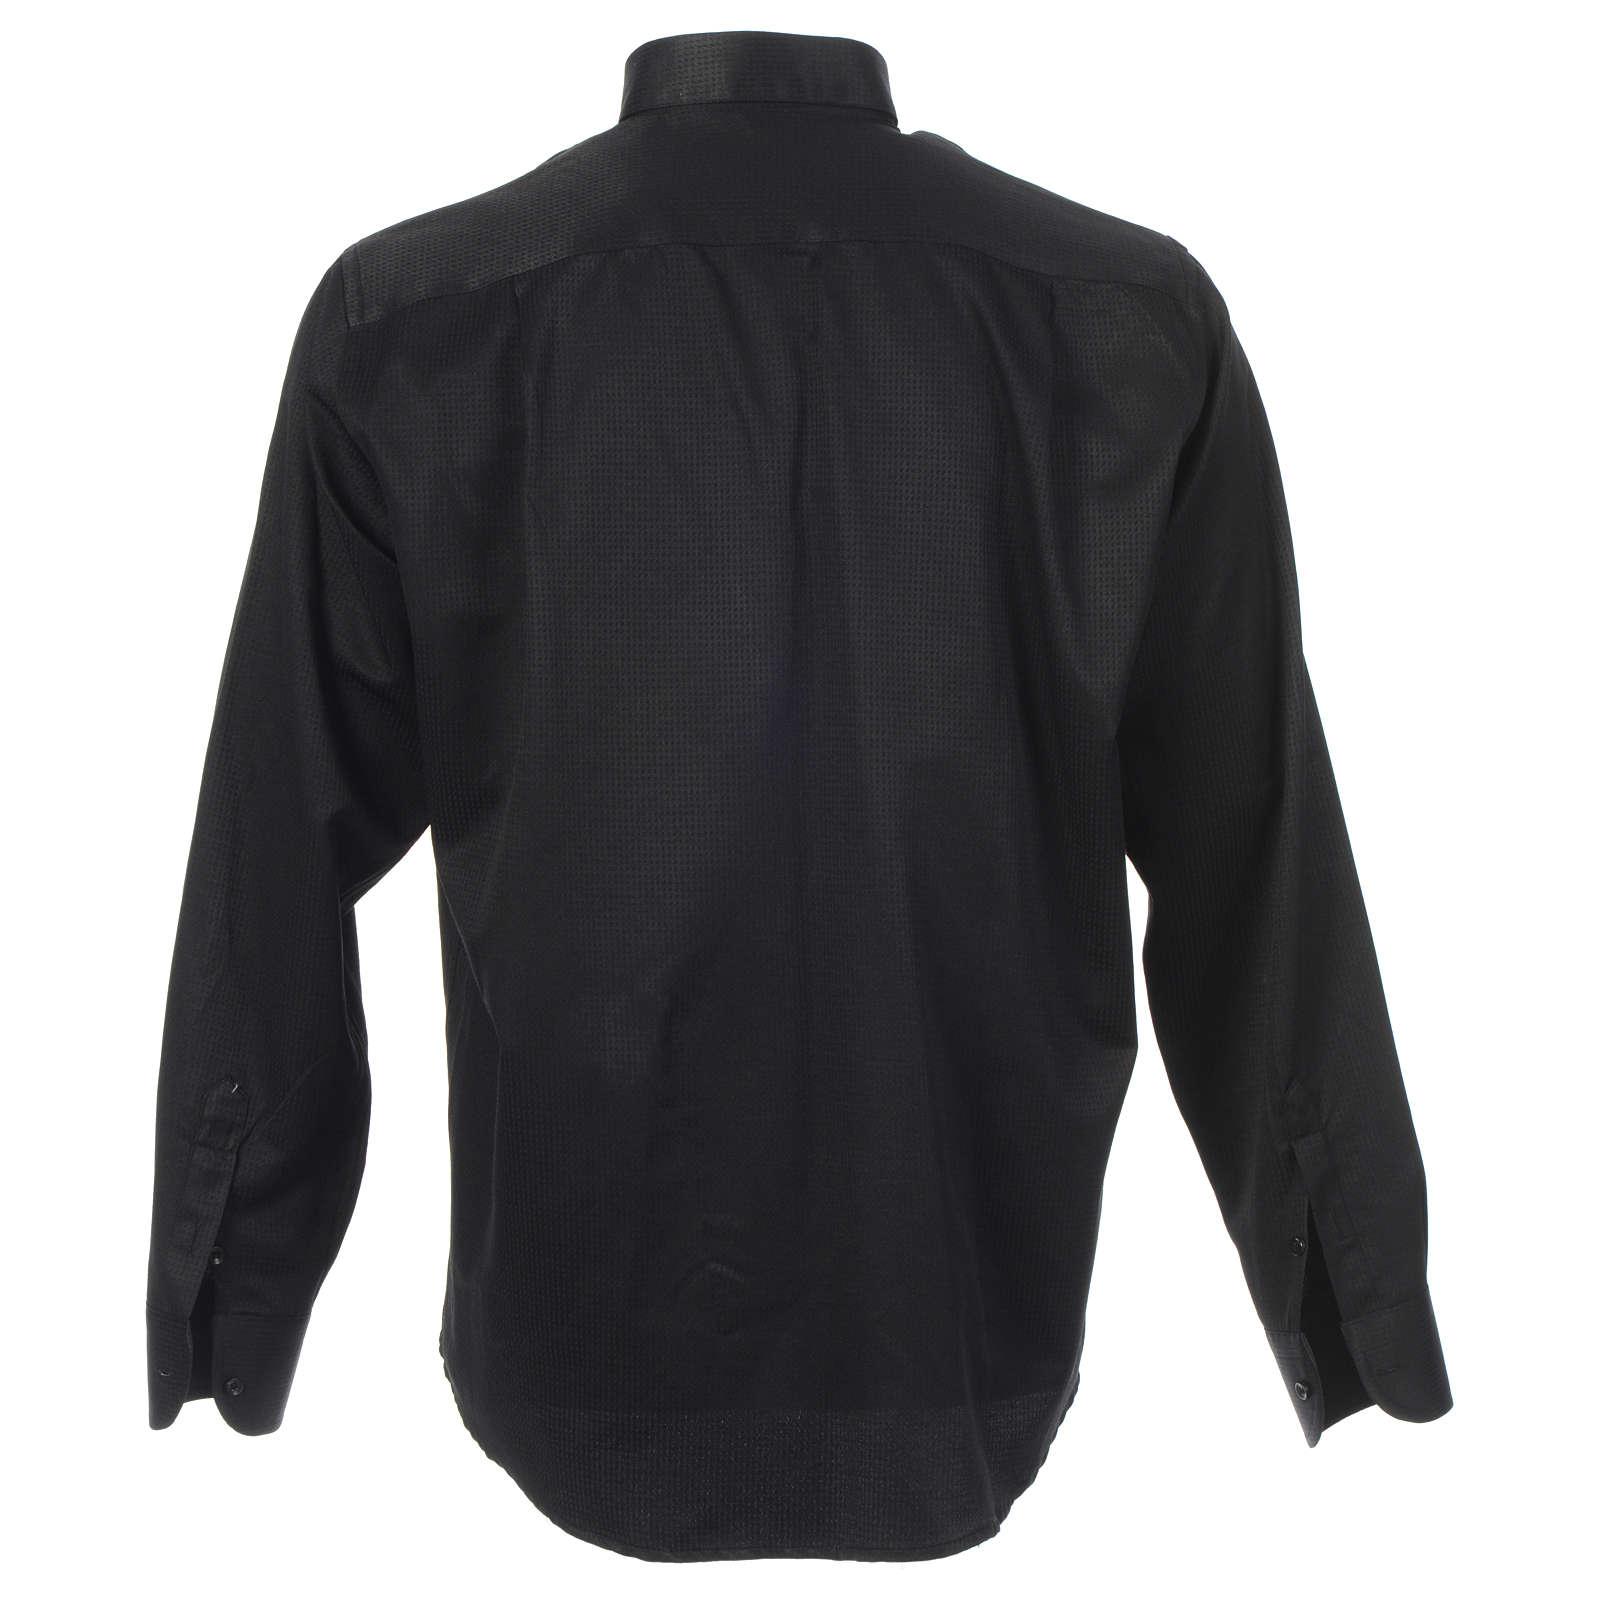 Koszula kapłańska jacquard czarny długi rękaw 4